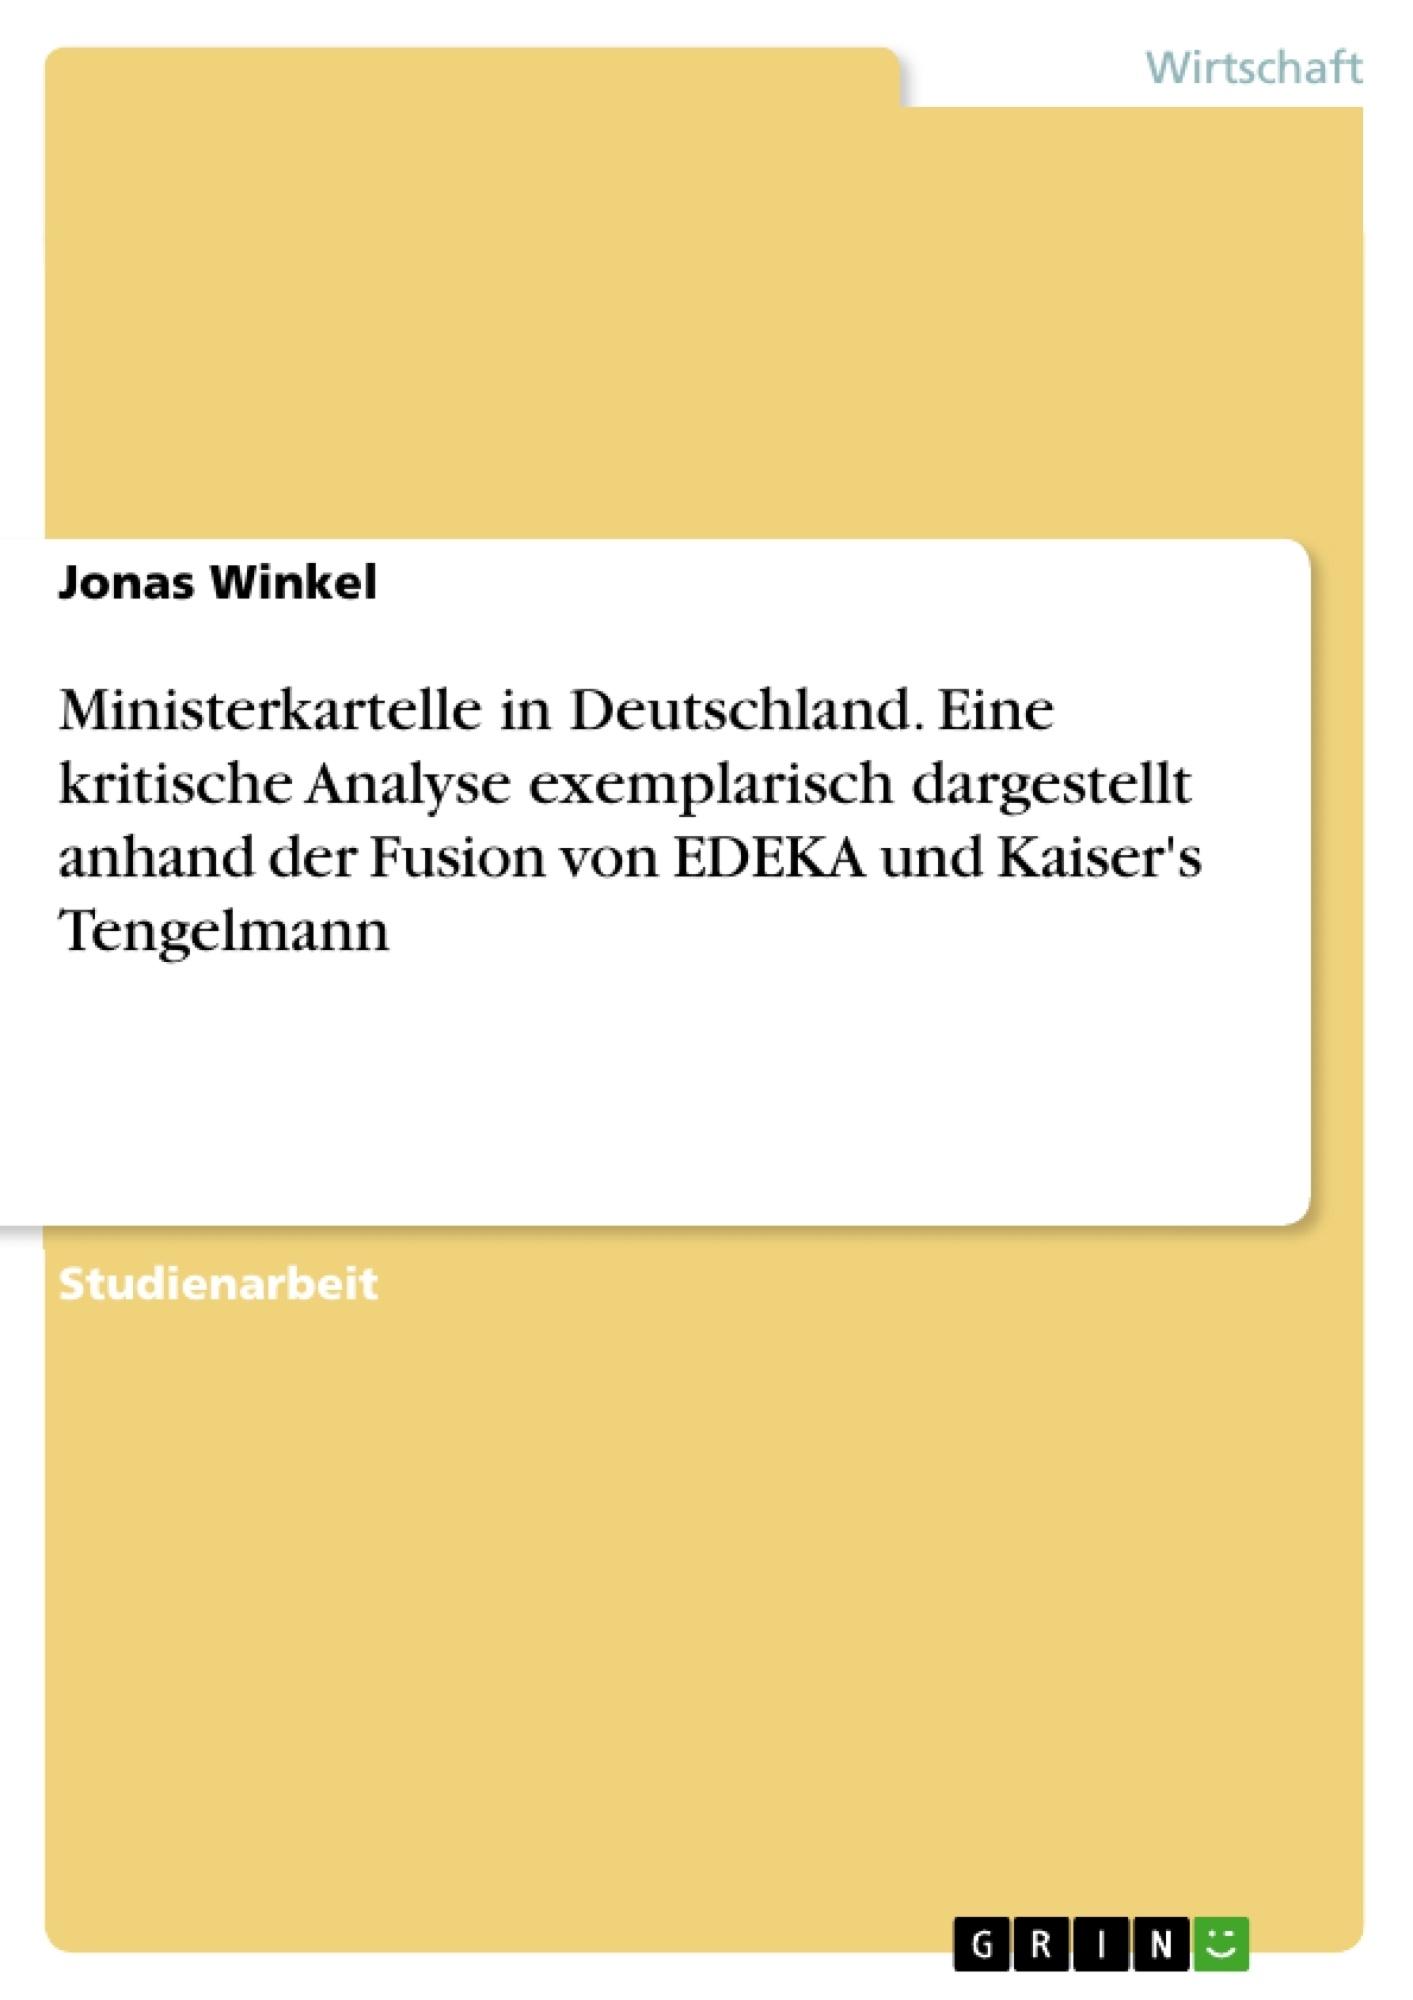 Titel: Ministerkartelle in Deutschland. Eine kritische Analyse exemplarisch dargestellt anhand der Fusion von EDEKA und Kaiser's Tengelmann